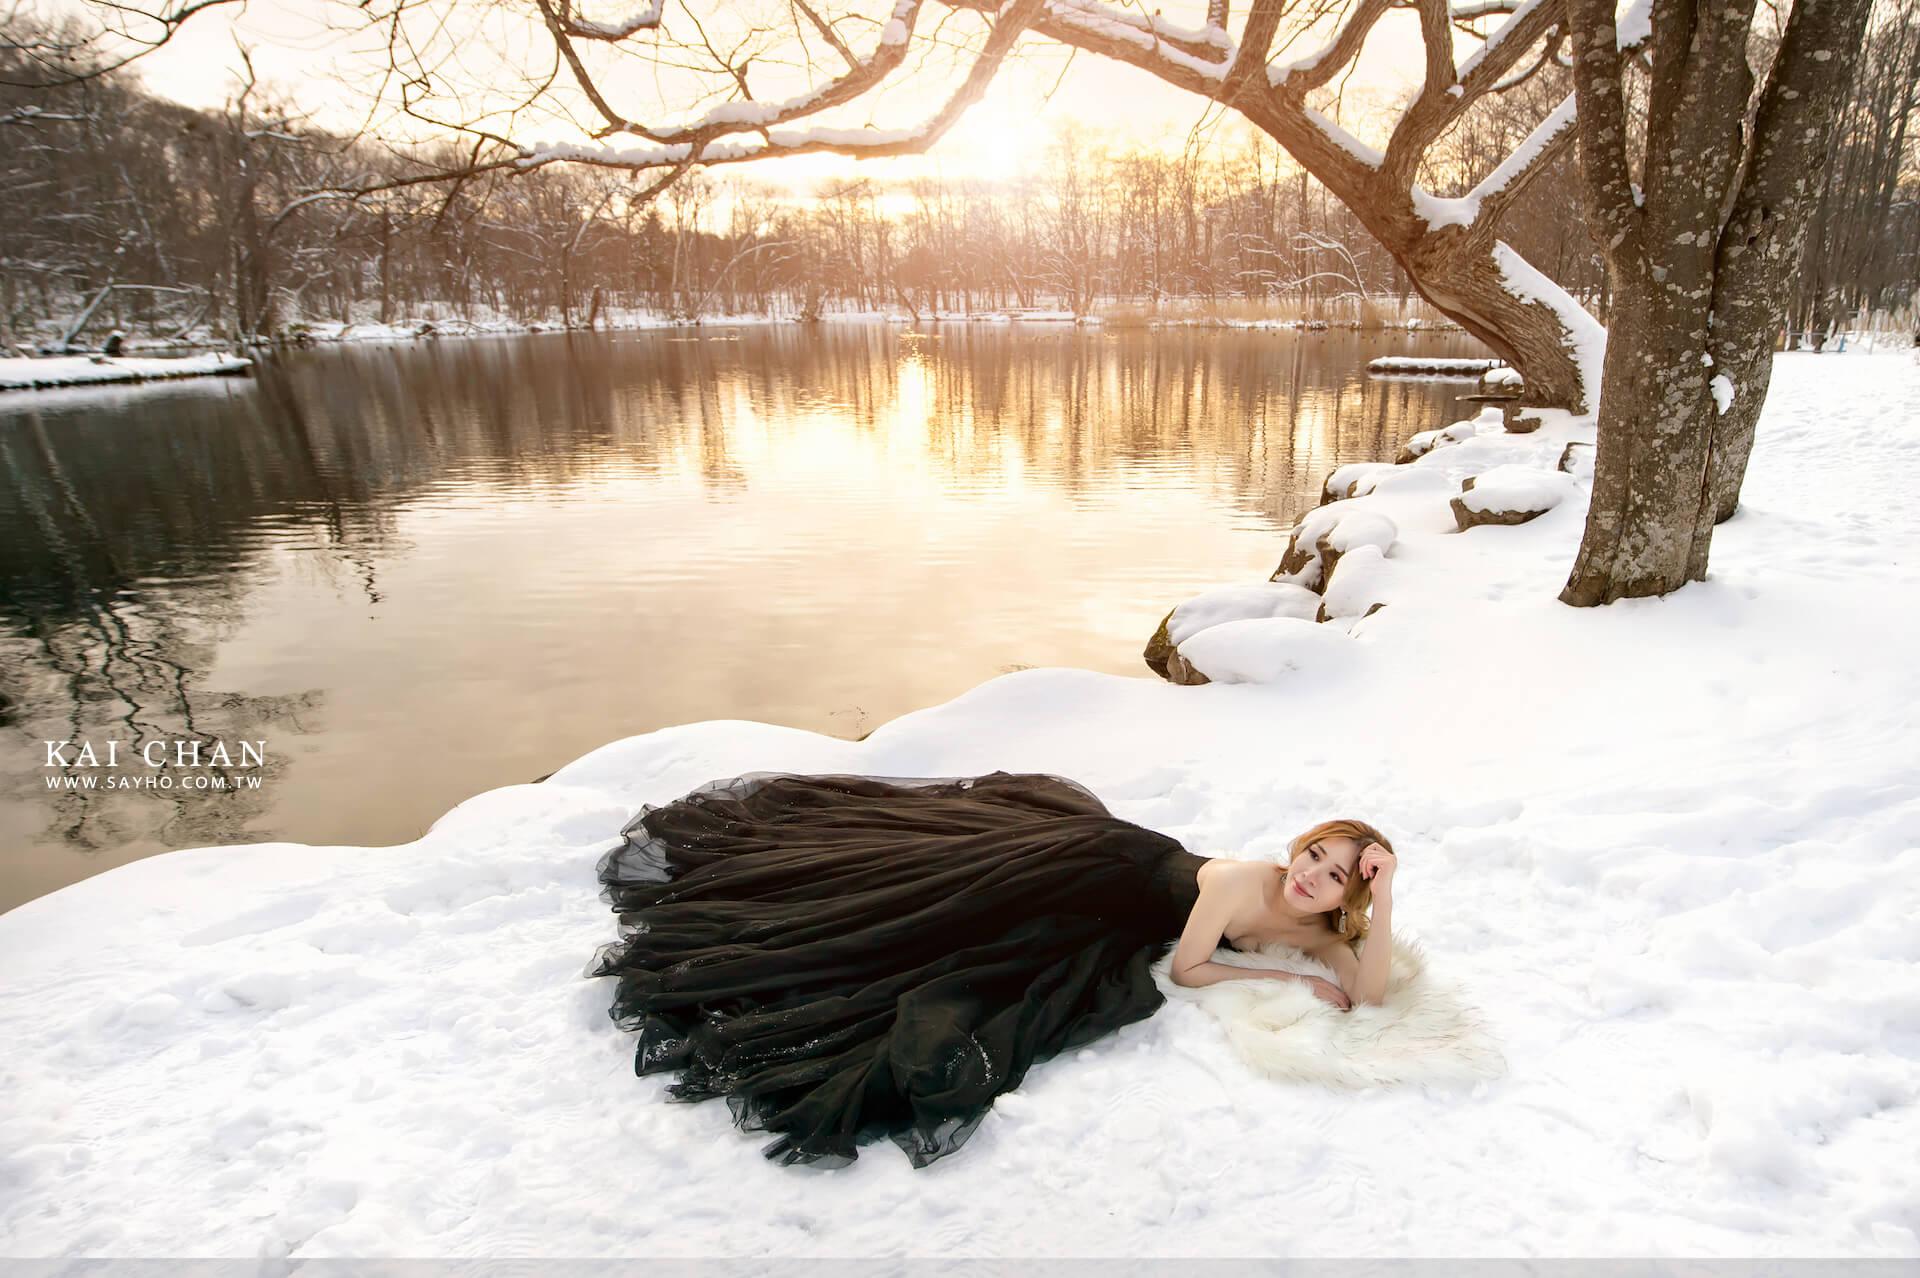 北海道拍婚紗,富良野景點,雪景婚紗